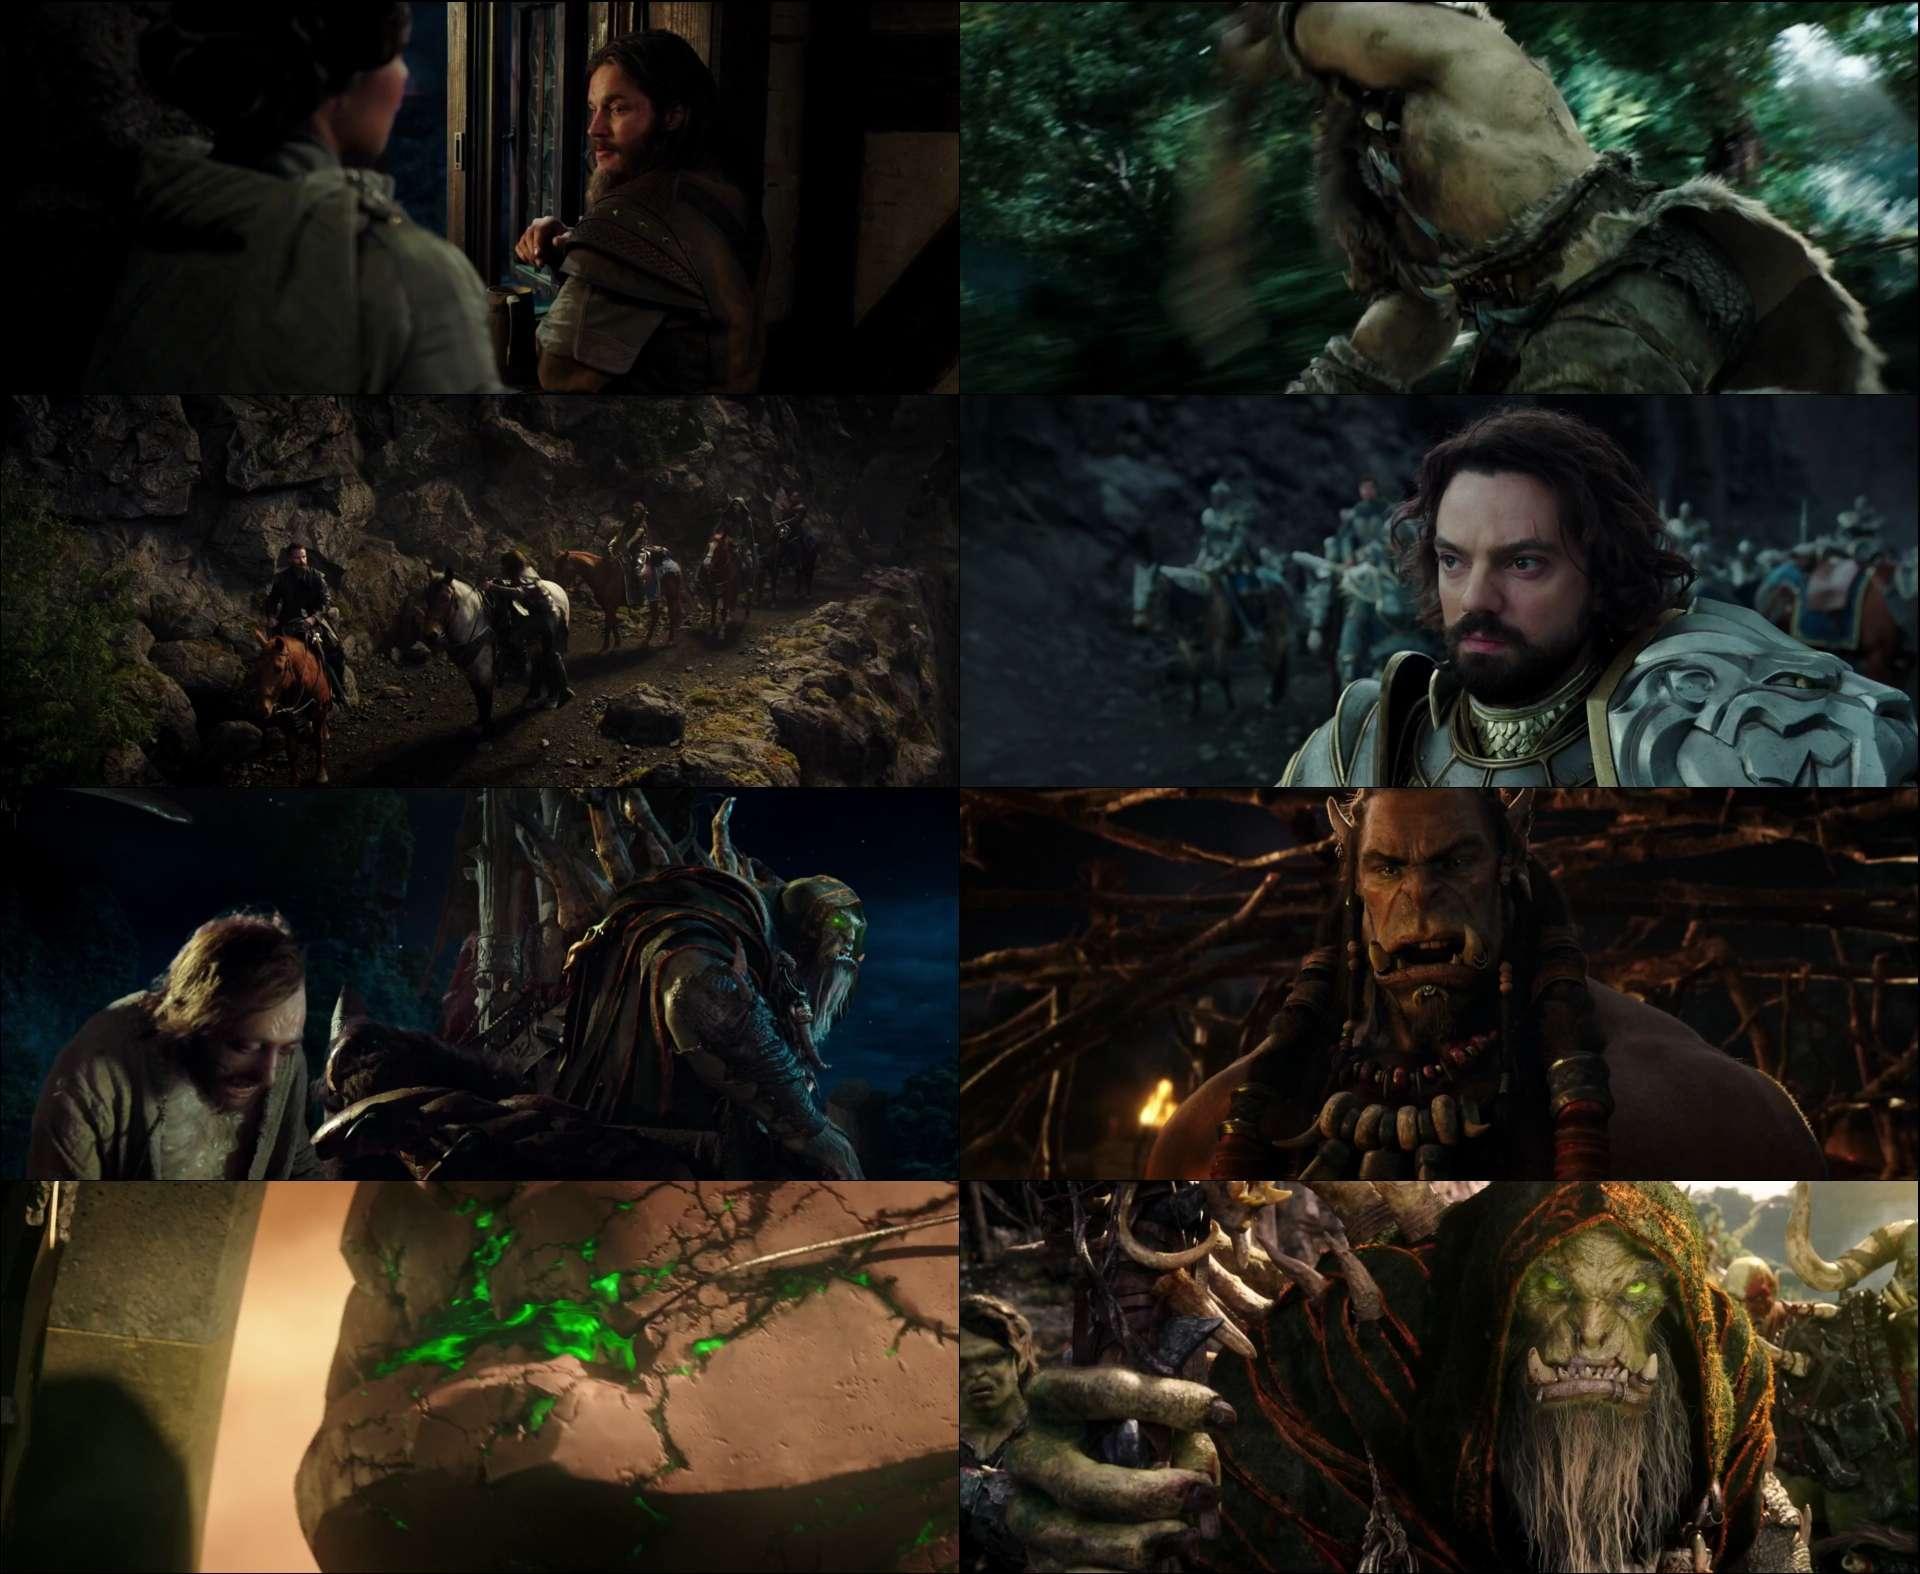 Warcraft: İki Dünyanın İlk Karşılaşması (2016) türkçe altyazılı film indir